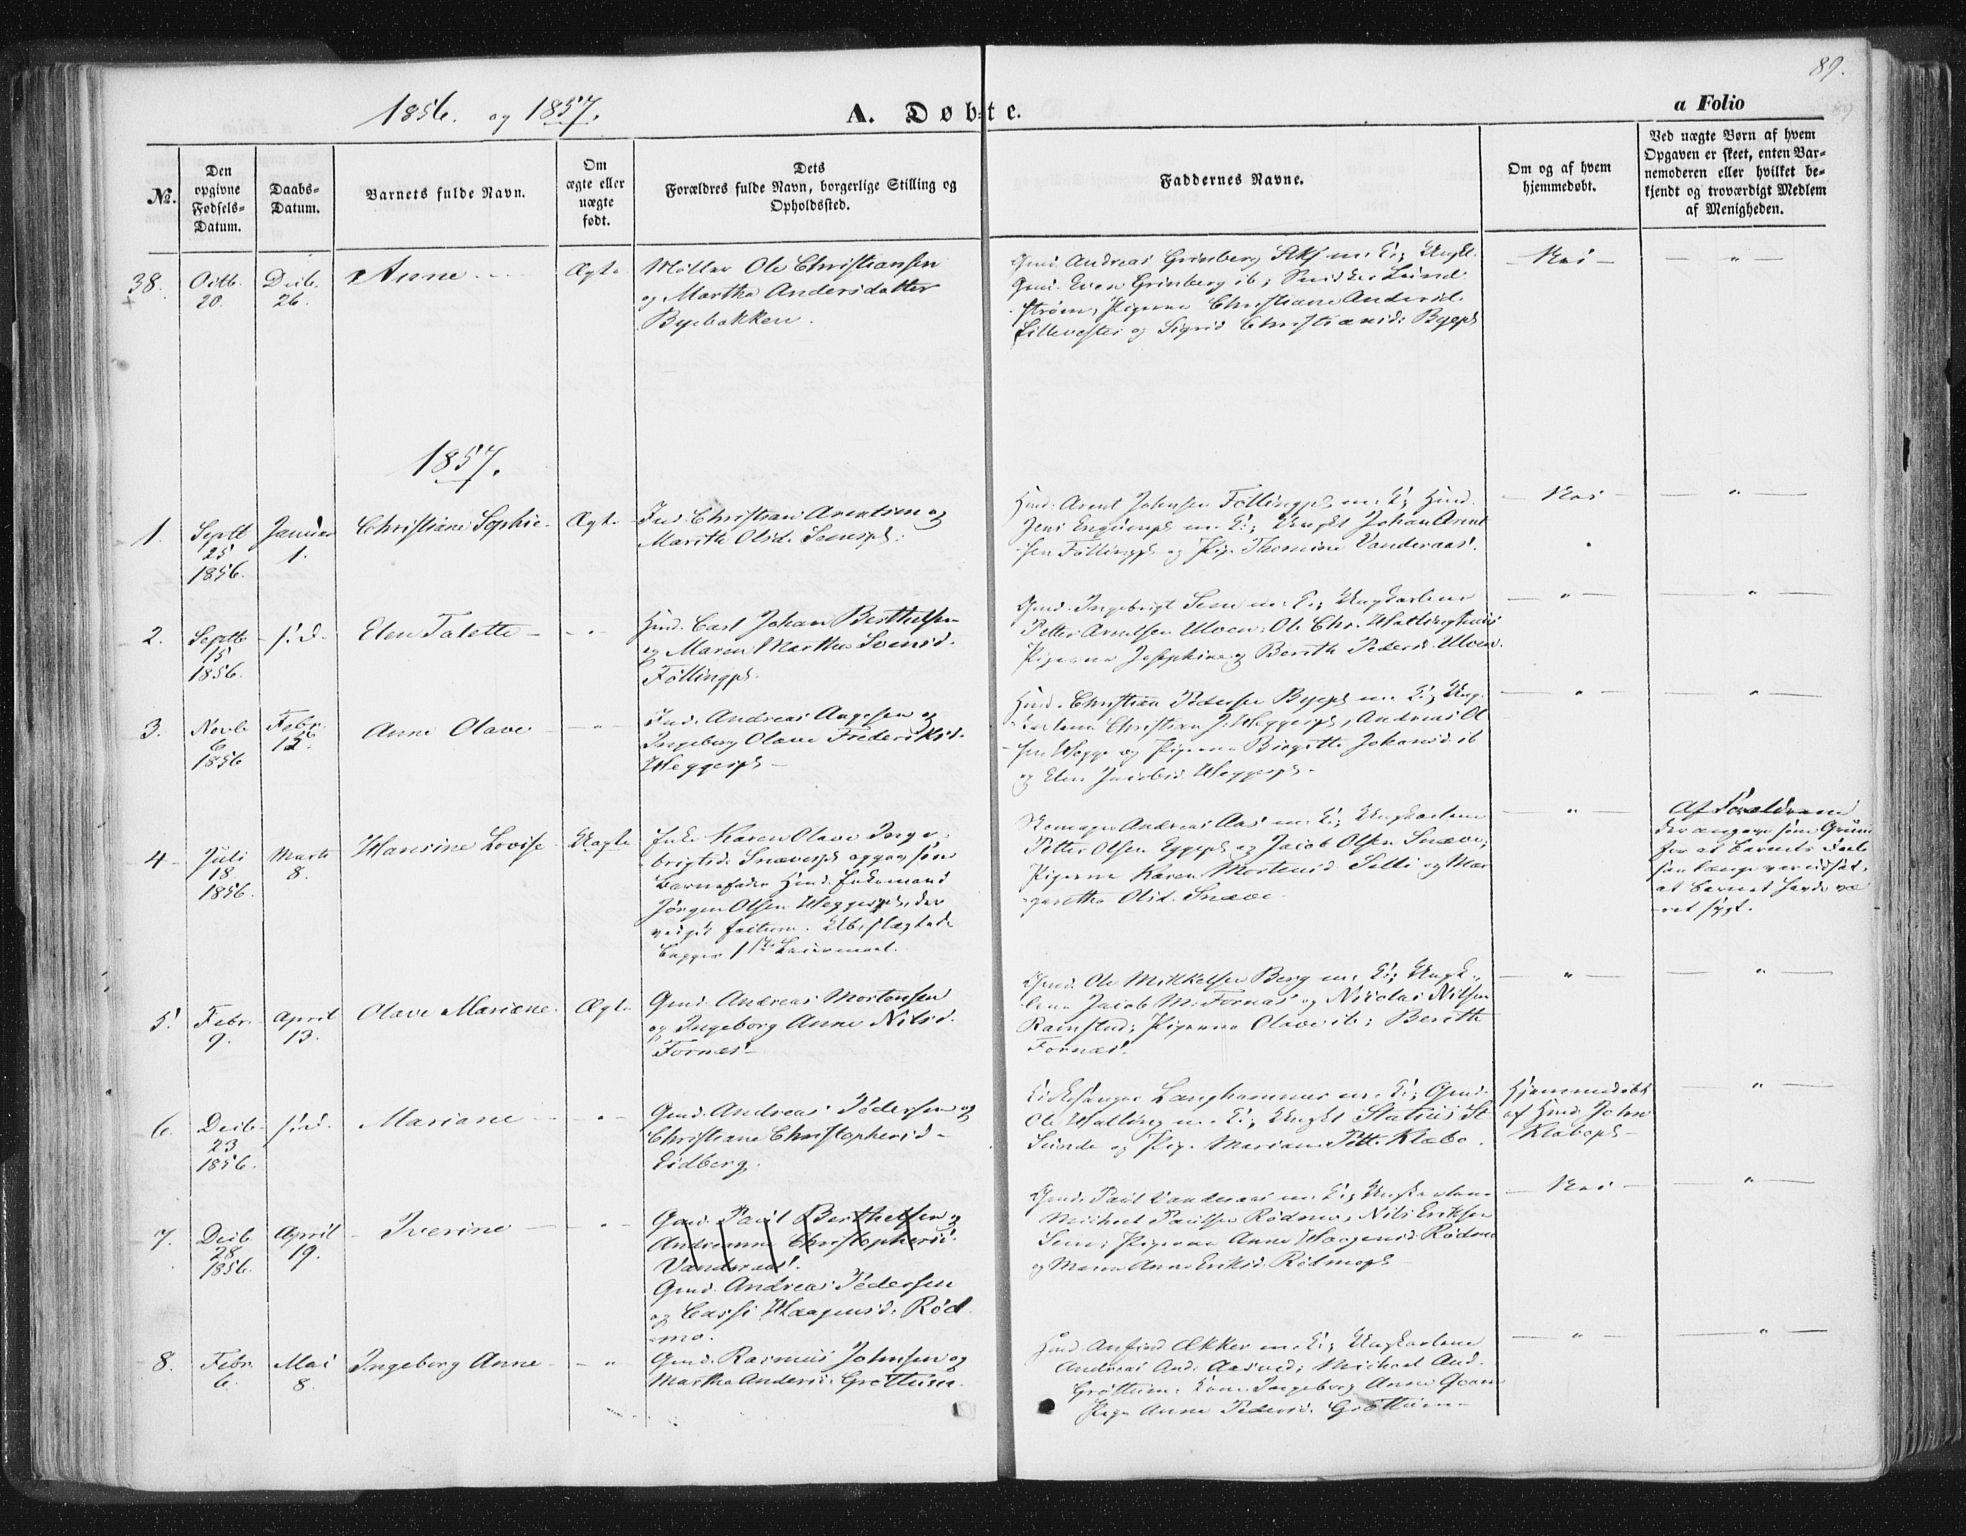 SAT, Ministerialprotokoller, klokkerbøker og fødselsregistre - Nord-Trøndelag, 746/L0446: Ministerialbok nr. 746A05, 1846-1859, s. 89